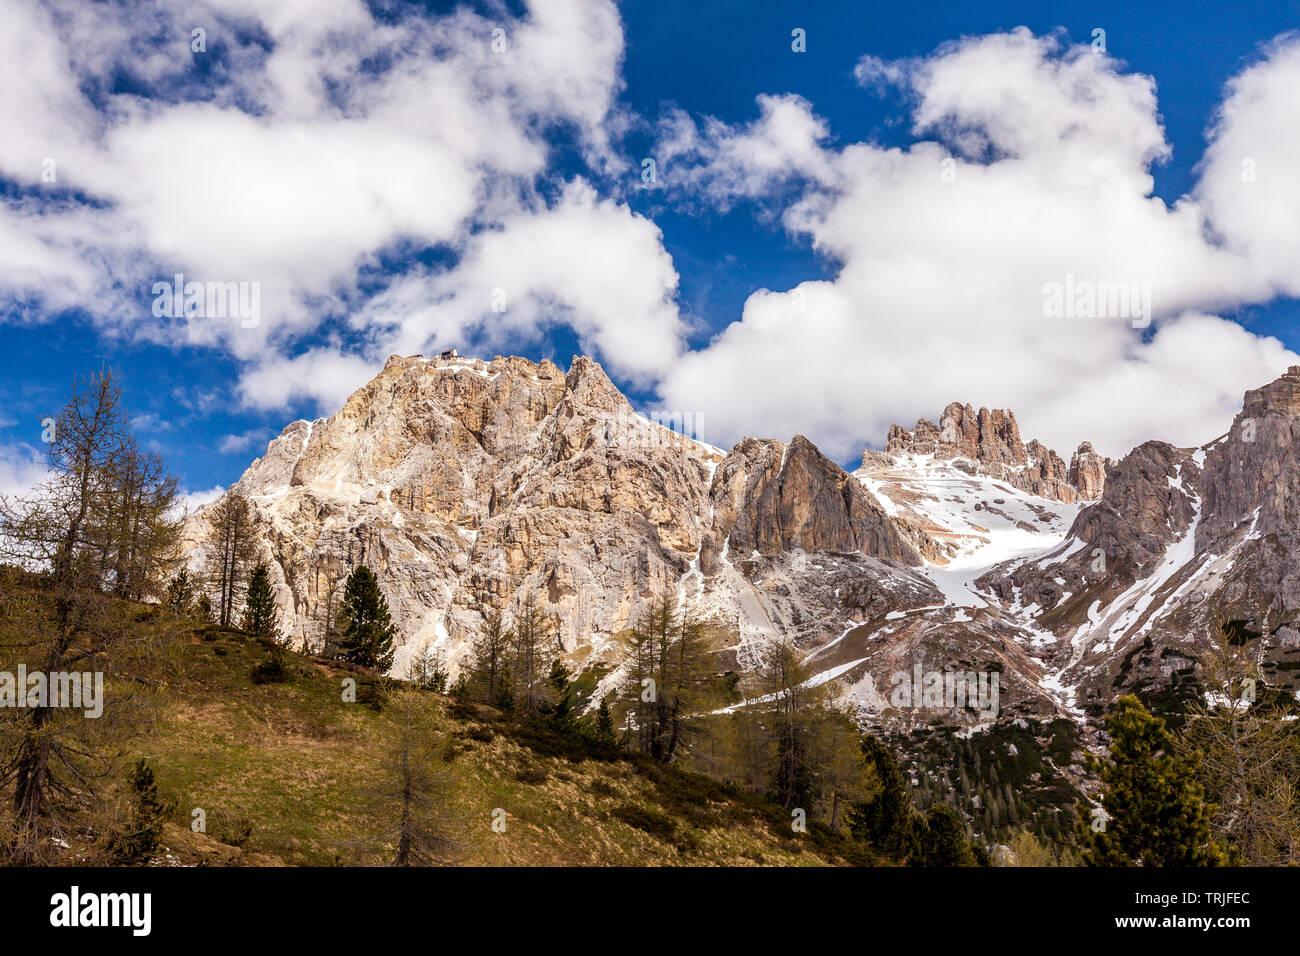 Sunlight over the rocky peaks of Lagazuoi, Dolomites, Cortina d'Ampezzo, Belluno province, Veneto, Italy - Stock Image